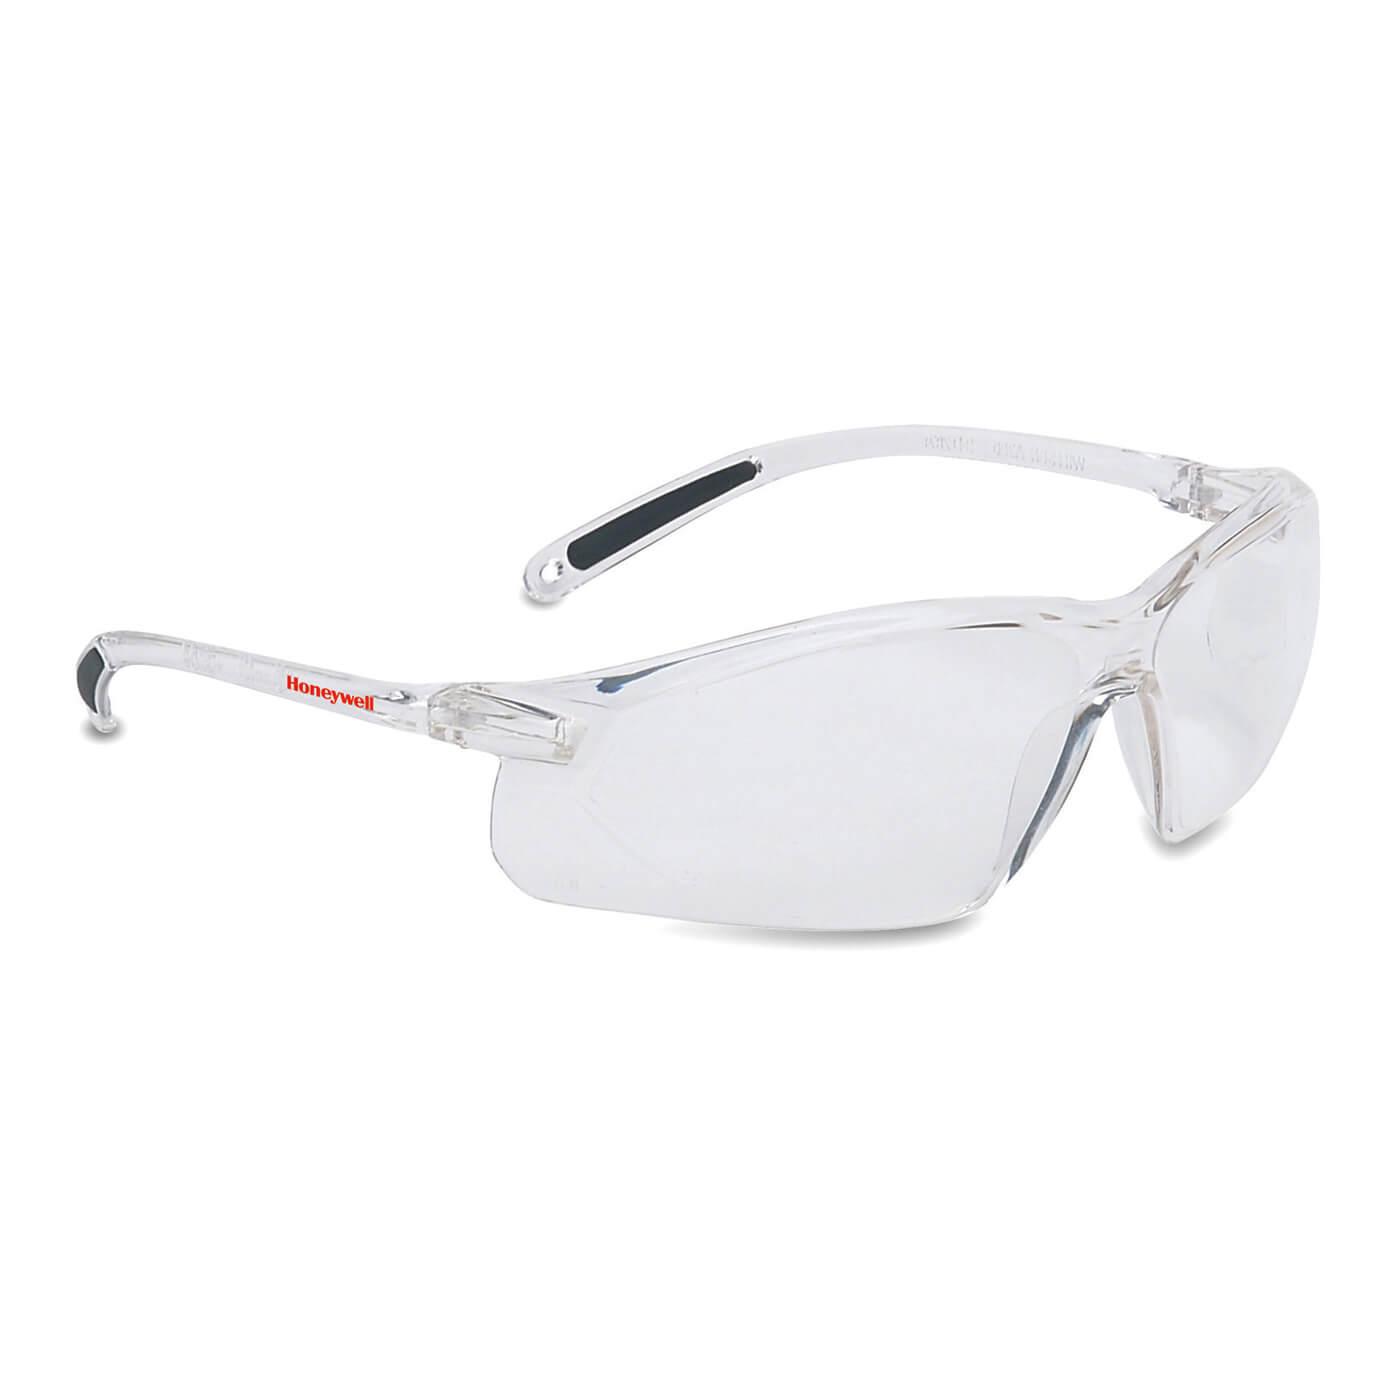 Okulary ochronne A700 Fogban 1015360 Honeywell bezbarwne